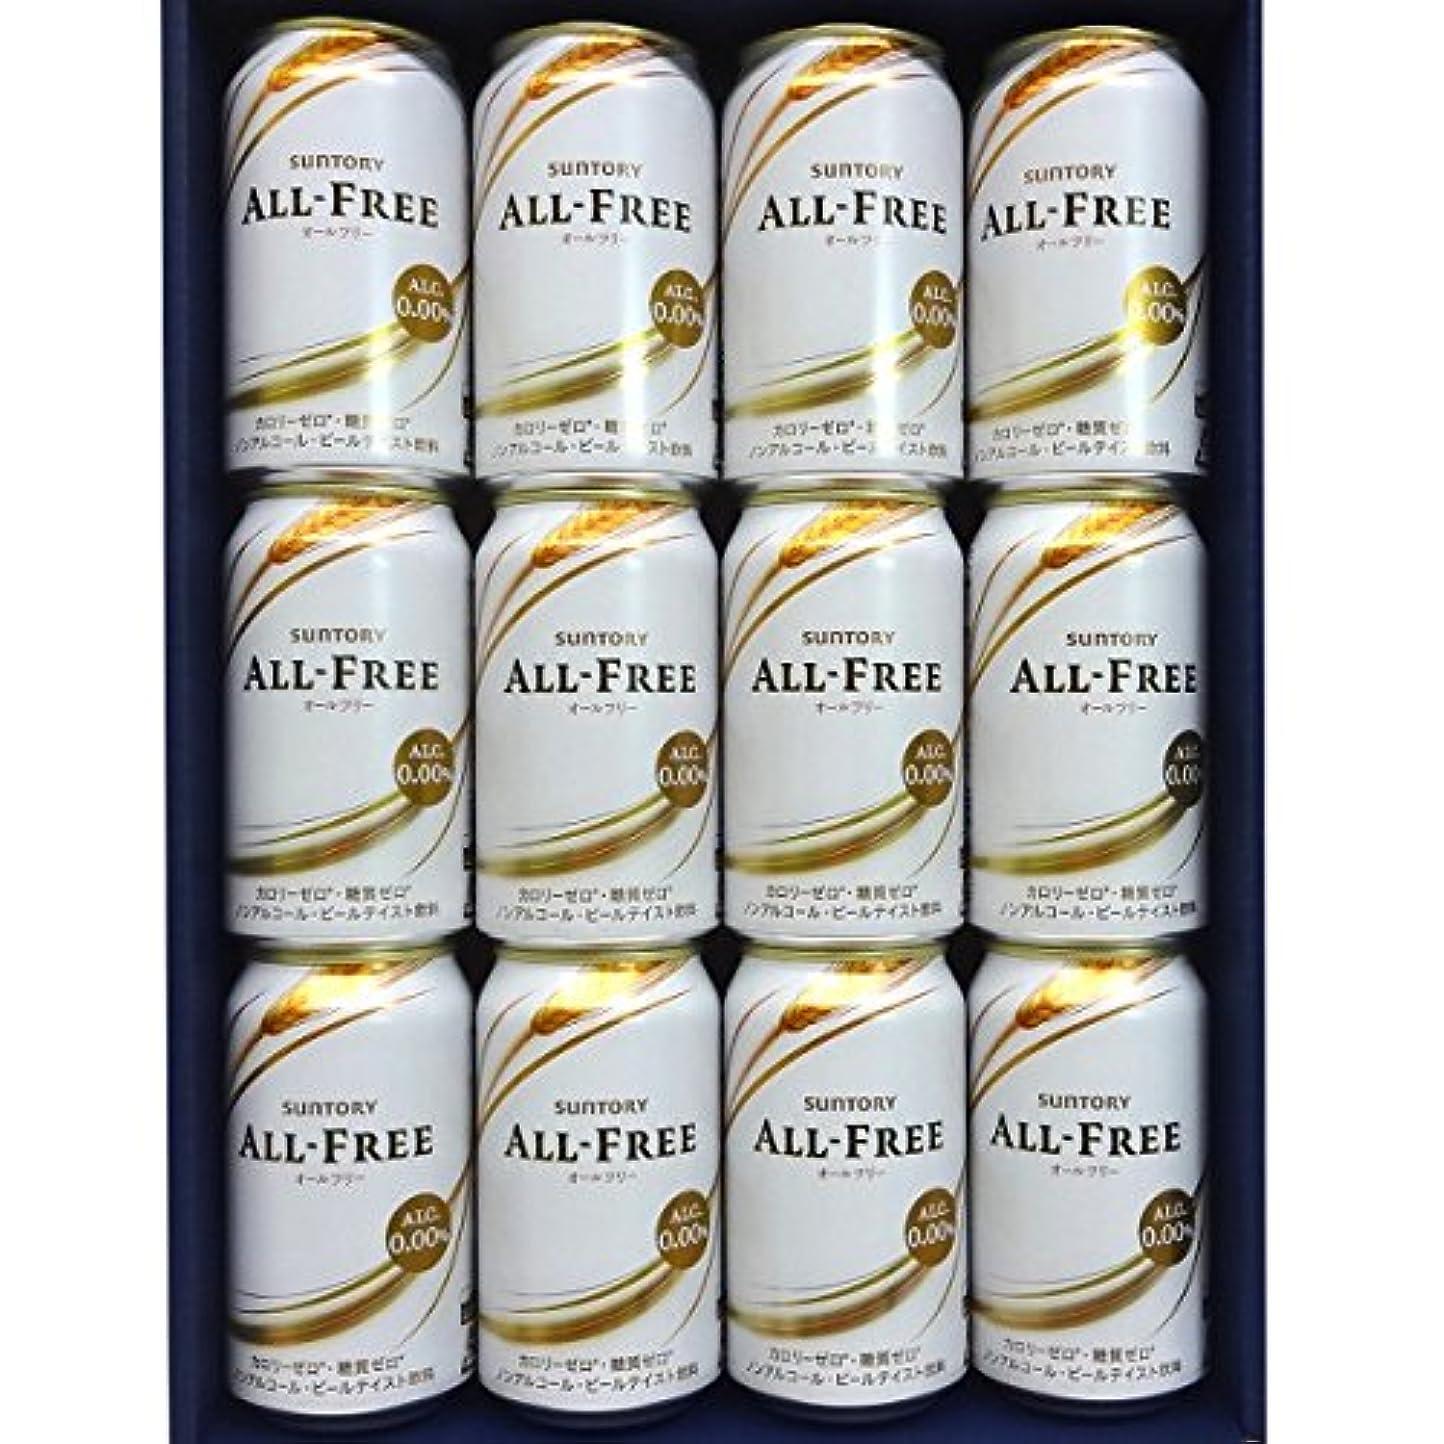 多様な伝統頬サントリーオールフリー 350ml缶12本ギフトカートン【ギフト用包装仕様】